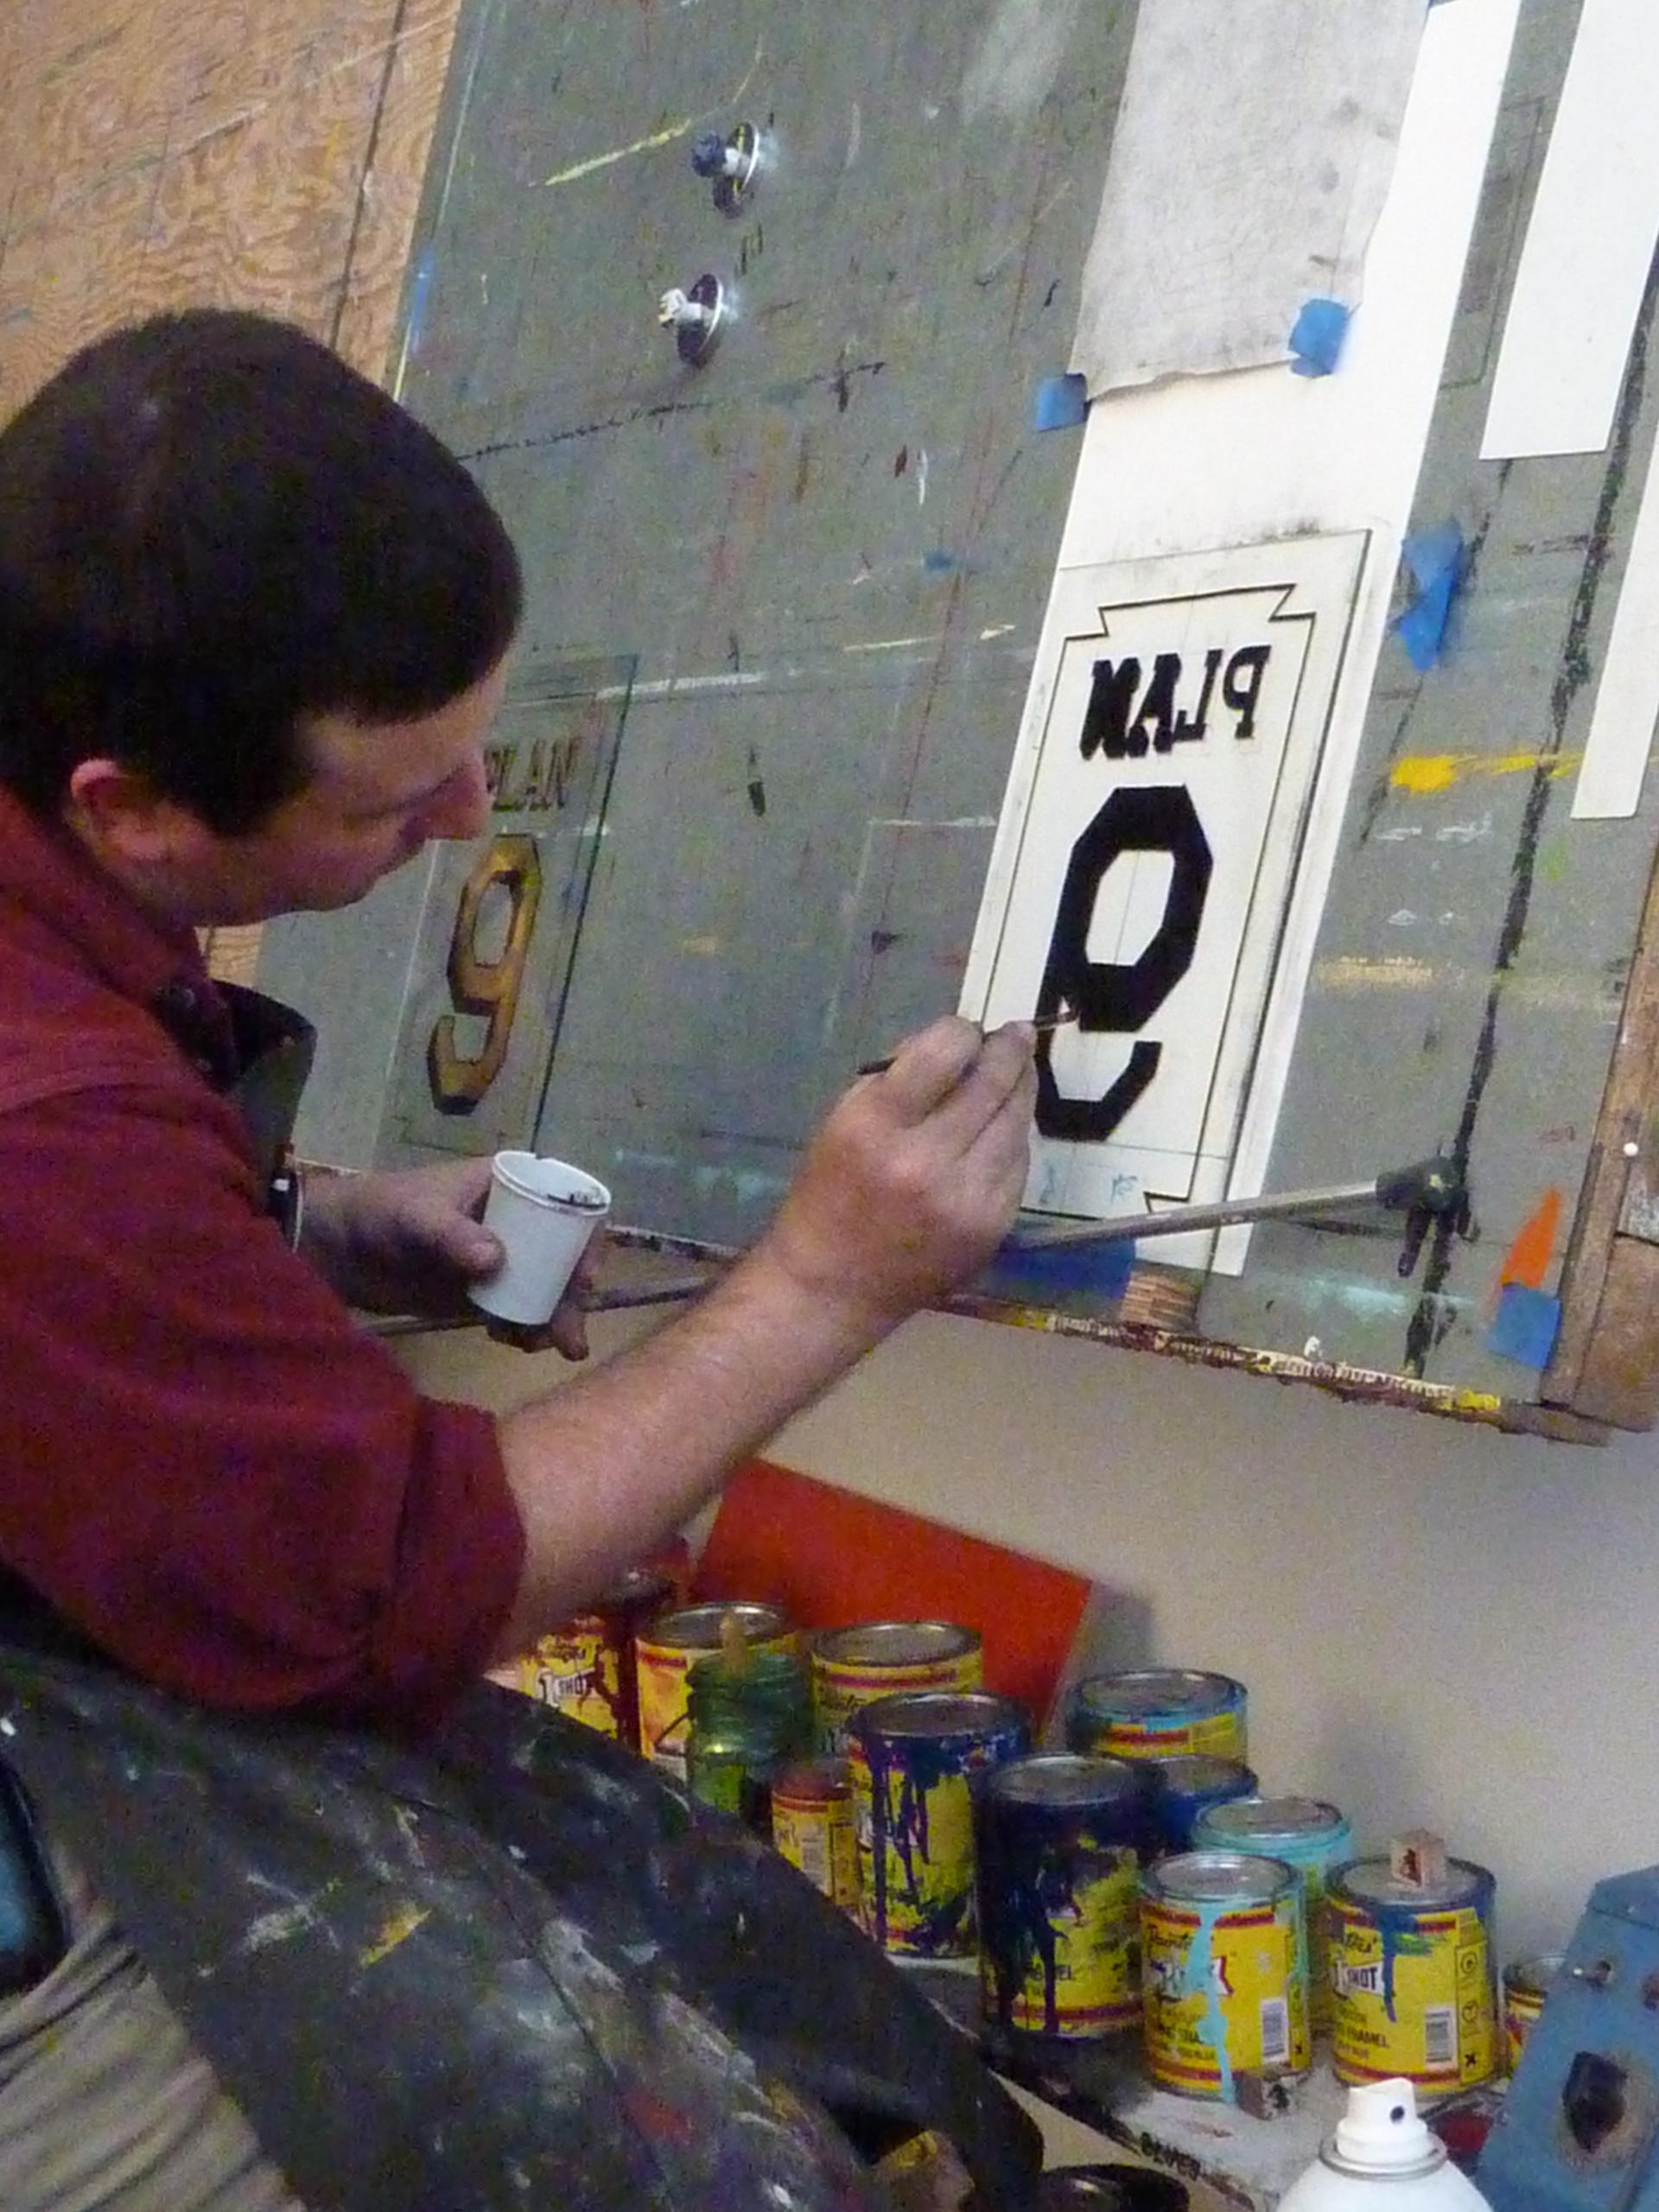 GOLD-adding-shadows-gilding-demo-guerrero-gallery-30-june-2011_5892527386_o.jpg